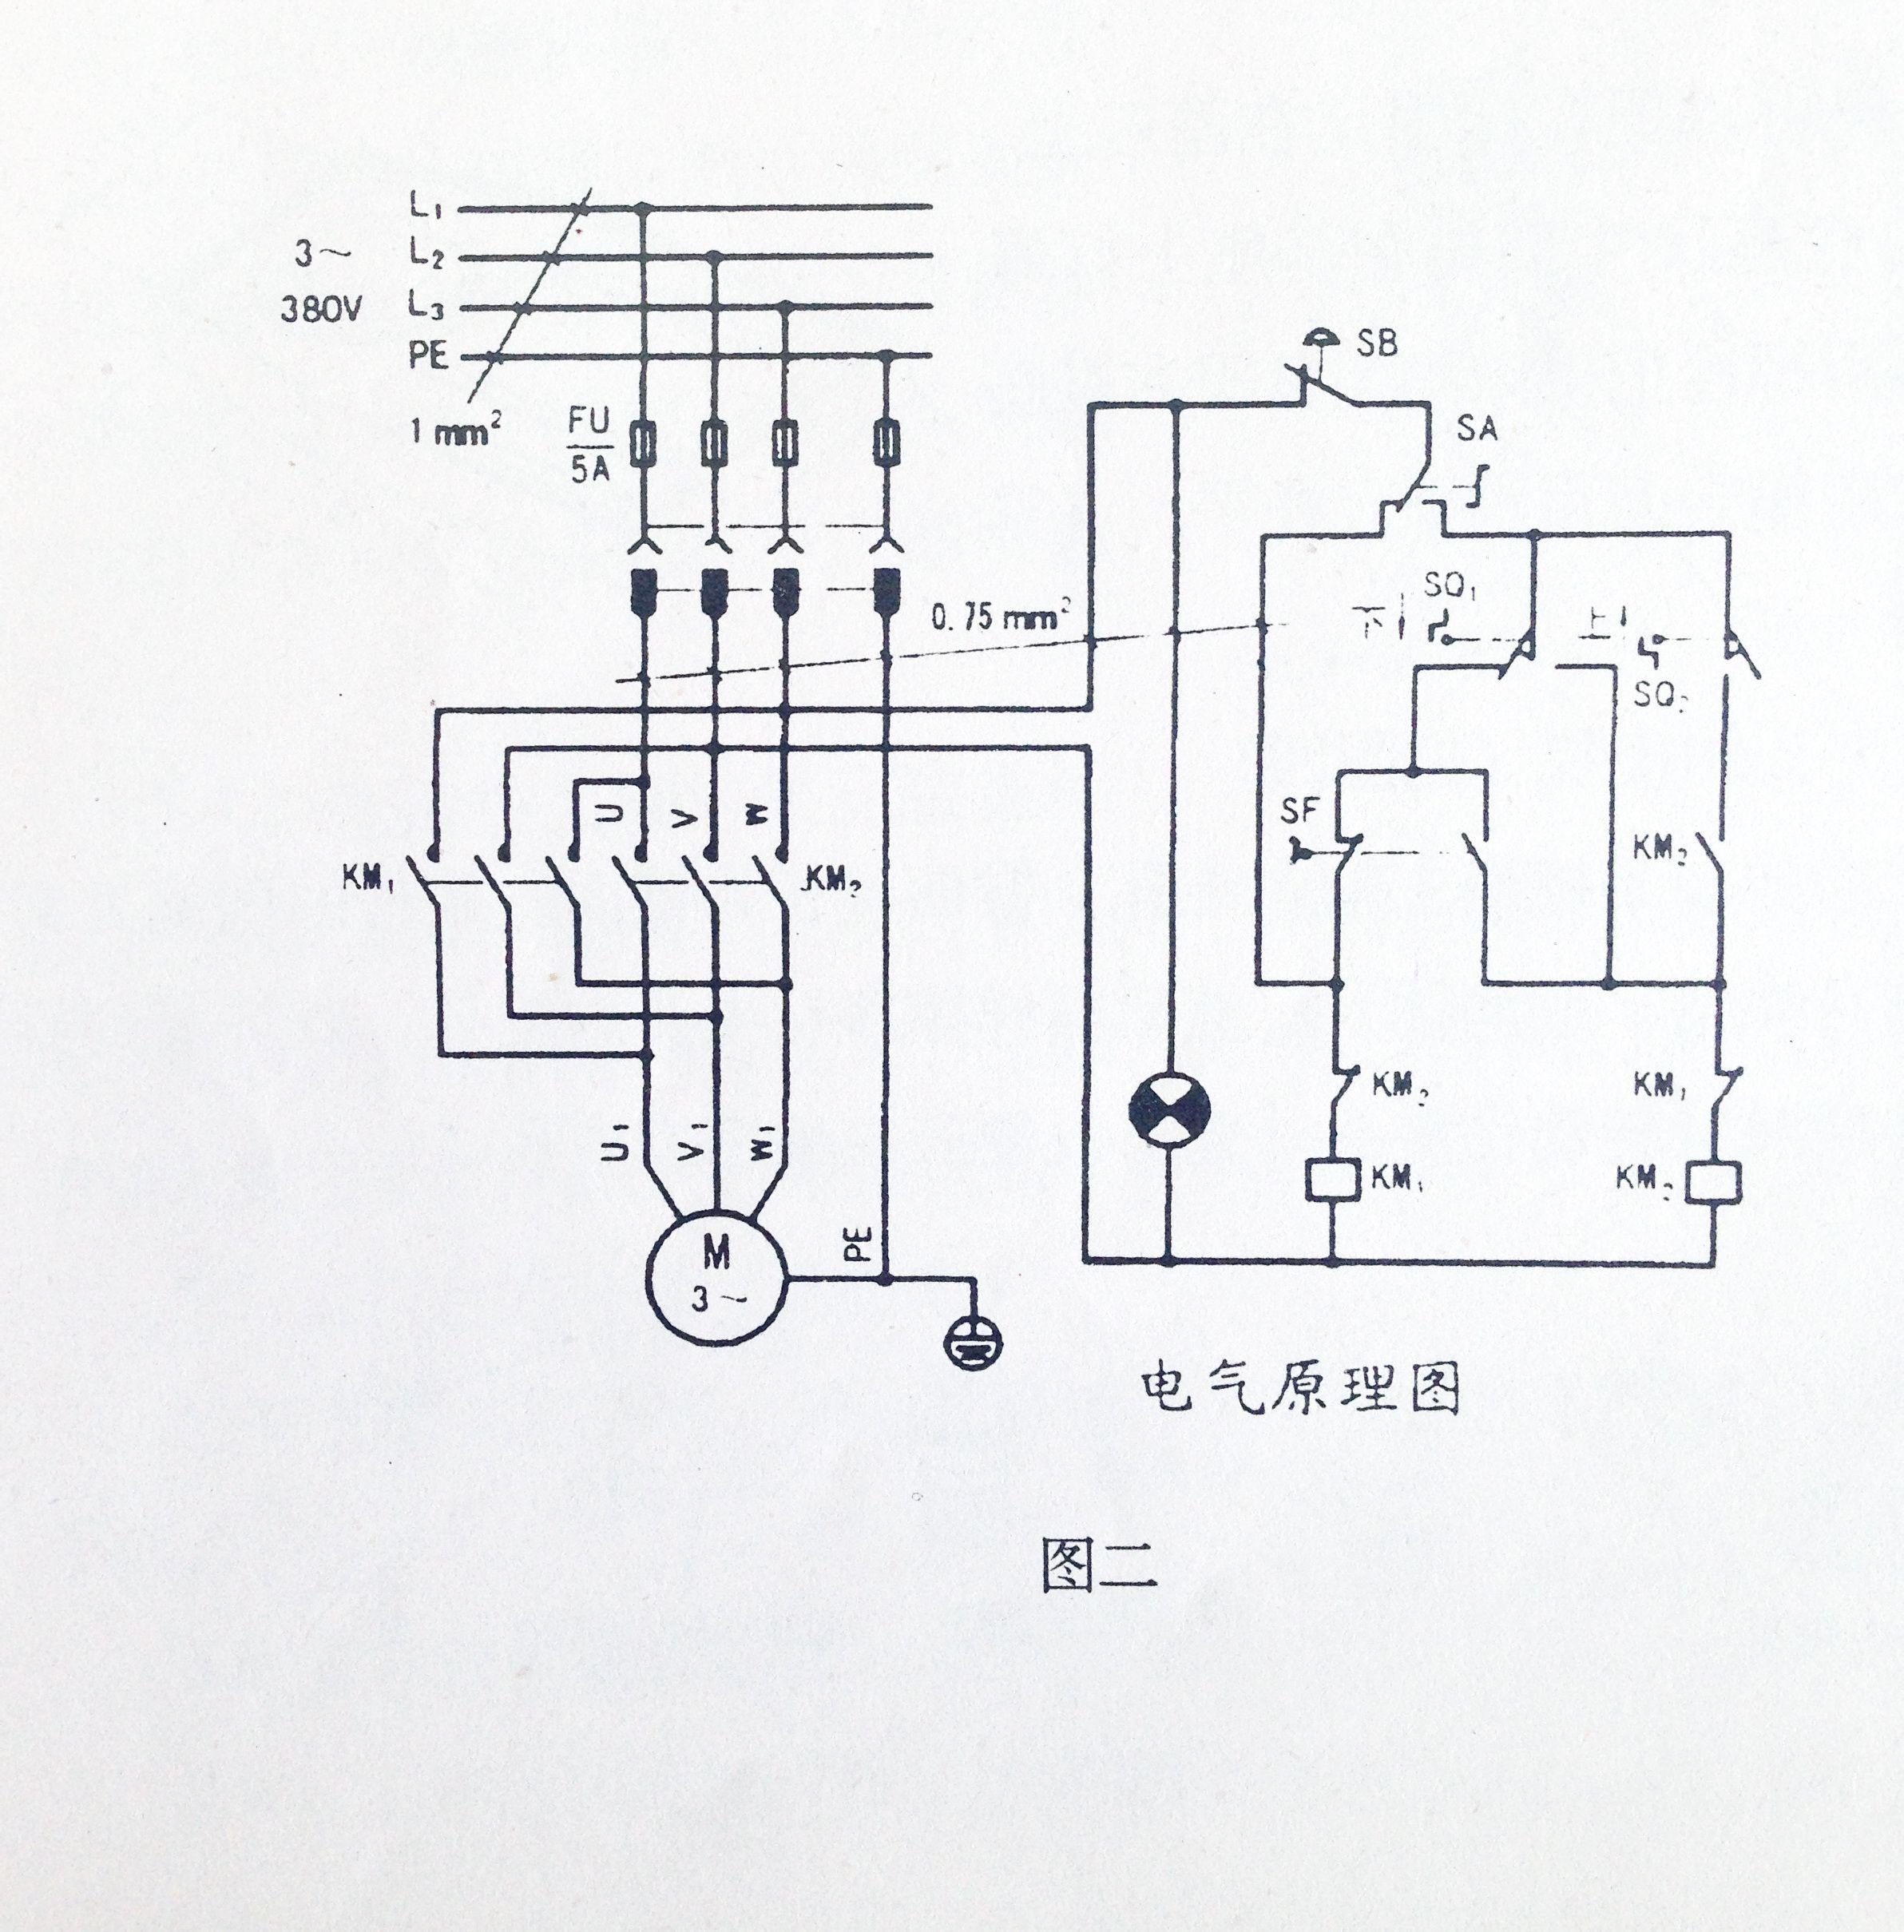 这是个正反转电路,还有两个限位开关应该是类似小车的往返运动控制,sb